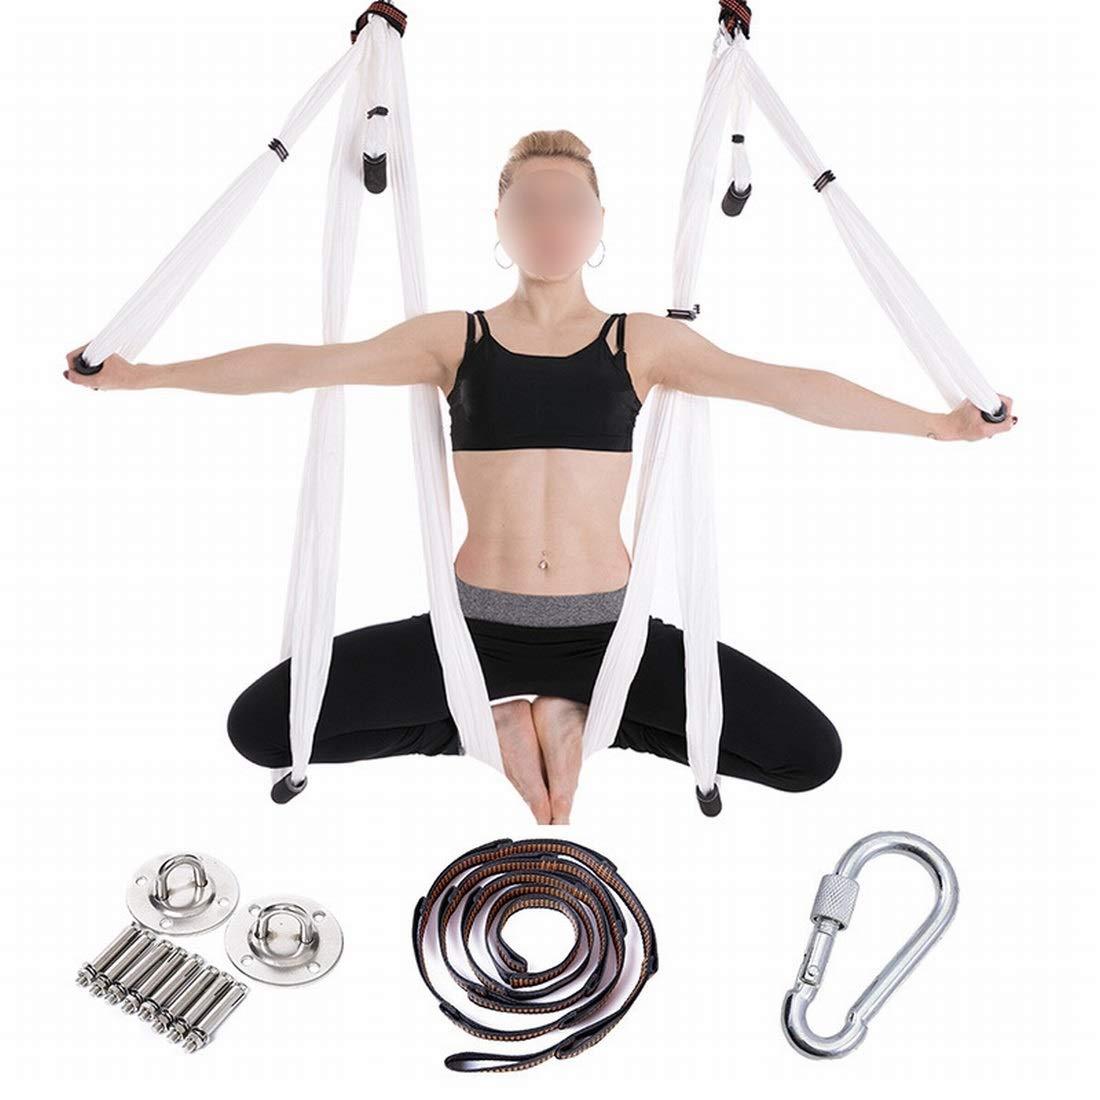 Blanc SHIZHESHOP Accessoires de Yoga pour hamac aériens pour l'intérieur et l'extérieur, balançoire de Remise en Forme sans étirement, Ensemble Complet avec Plaque de Suspension en Acier Inoxydable